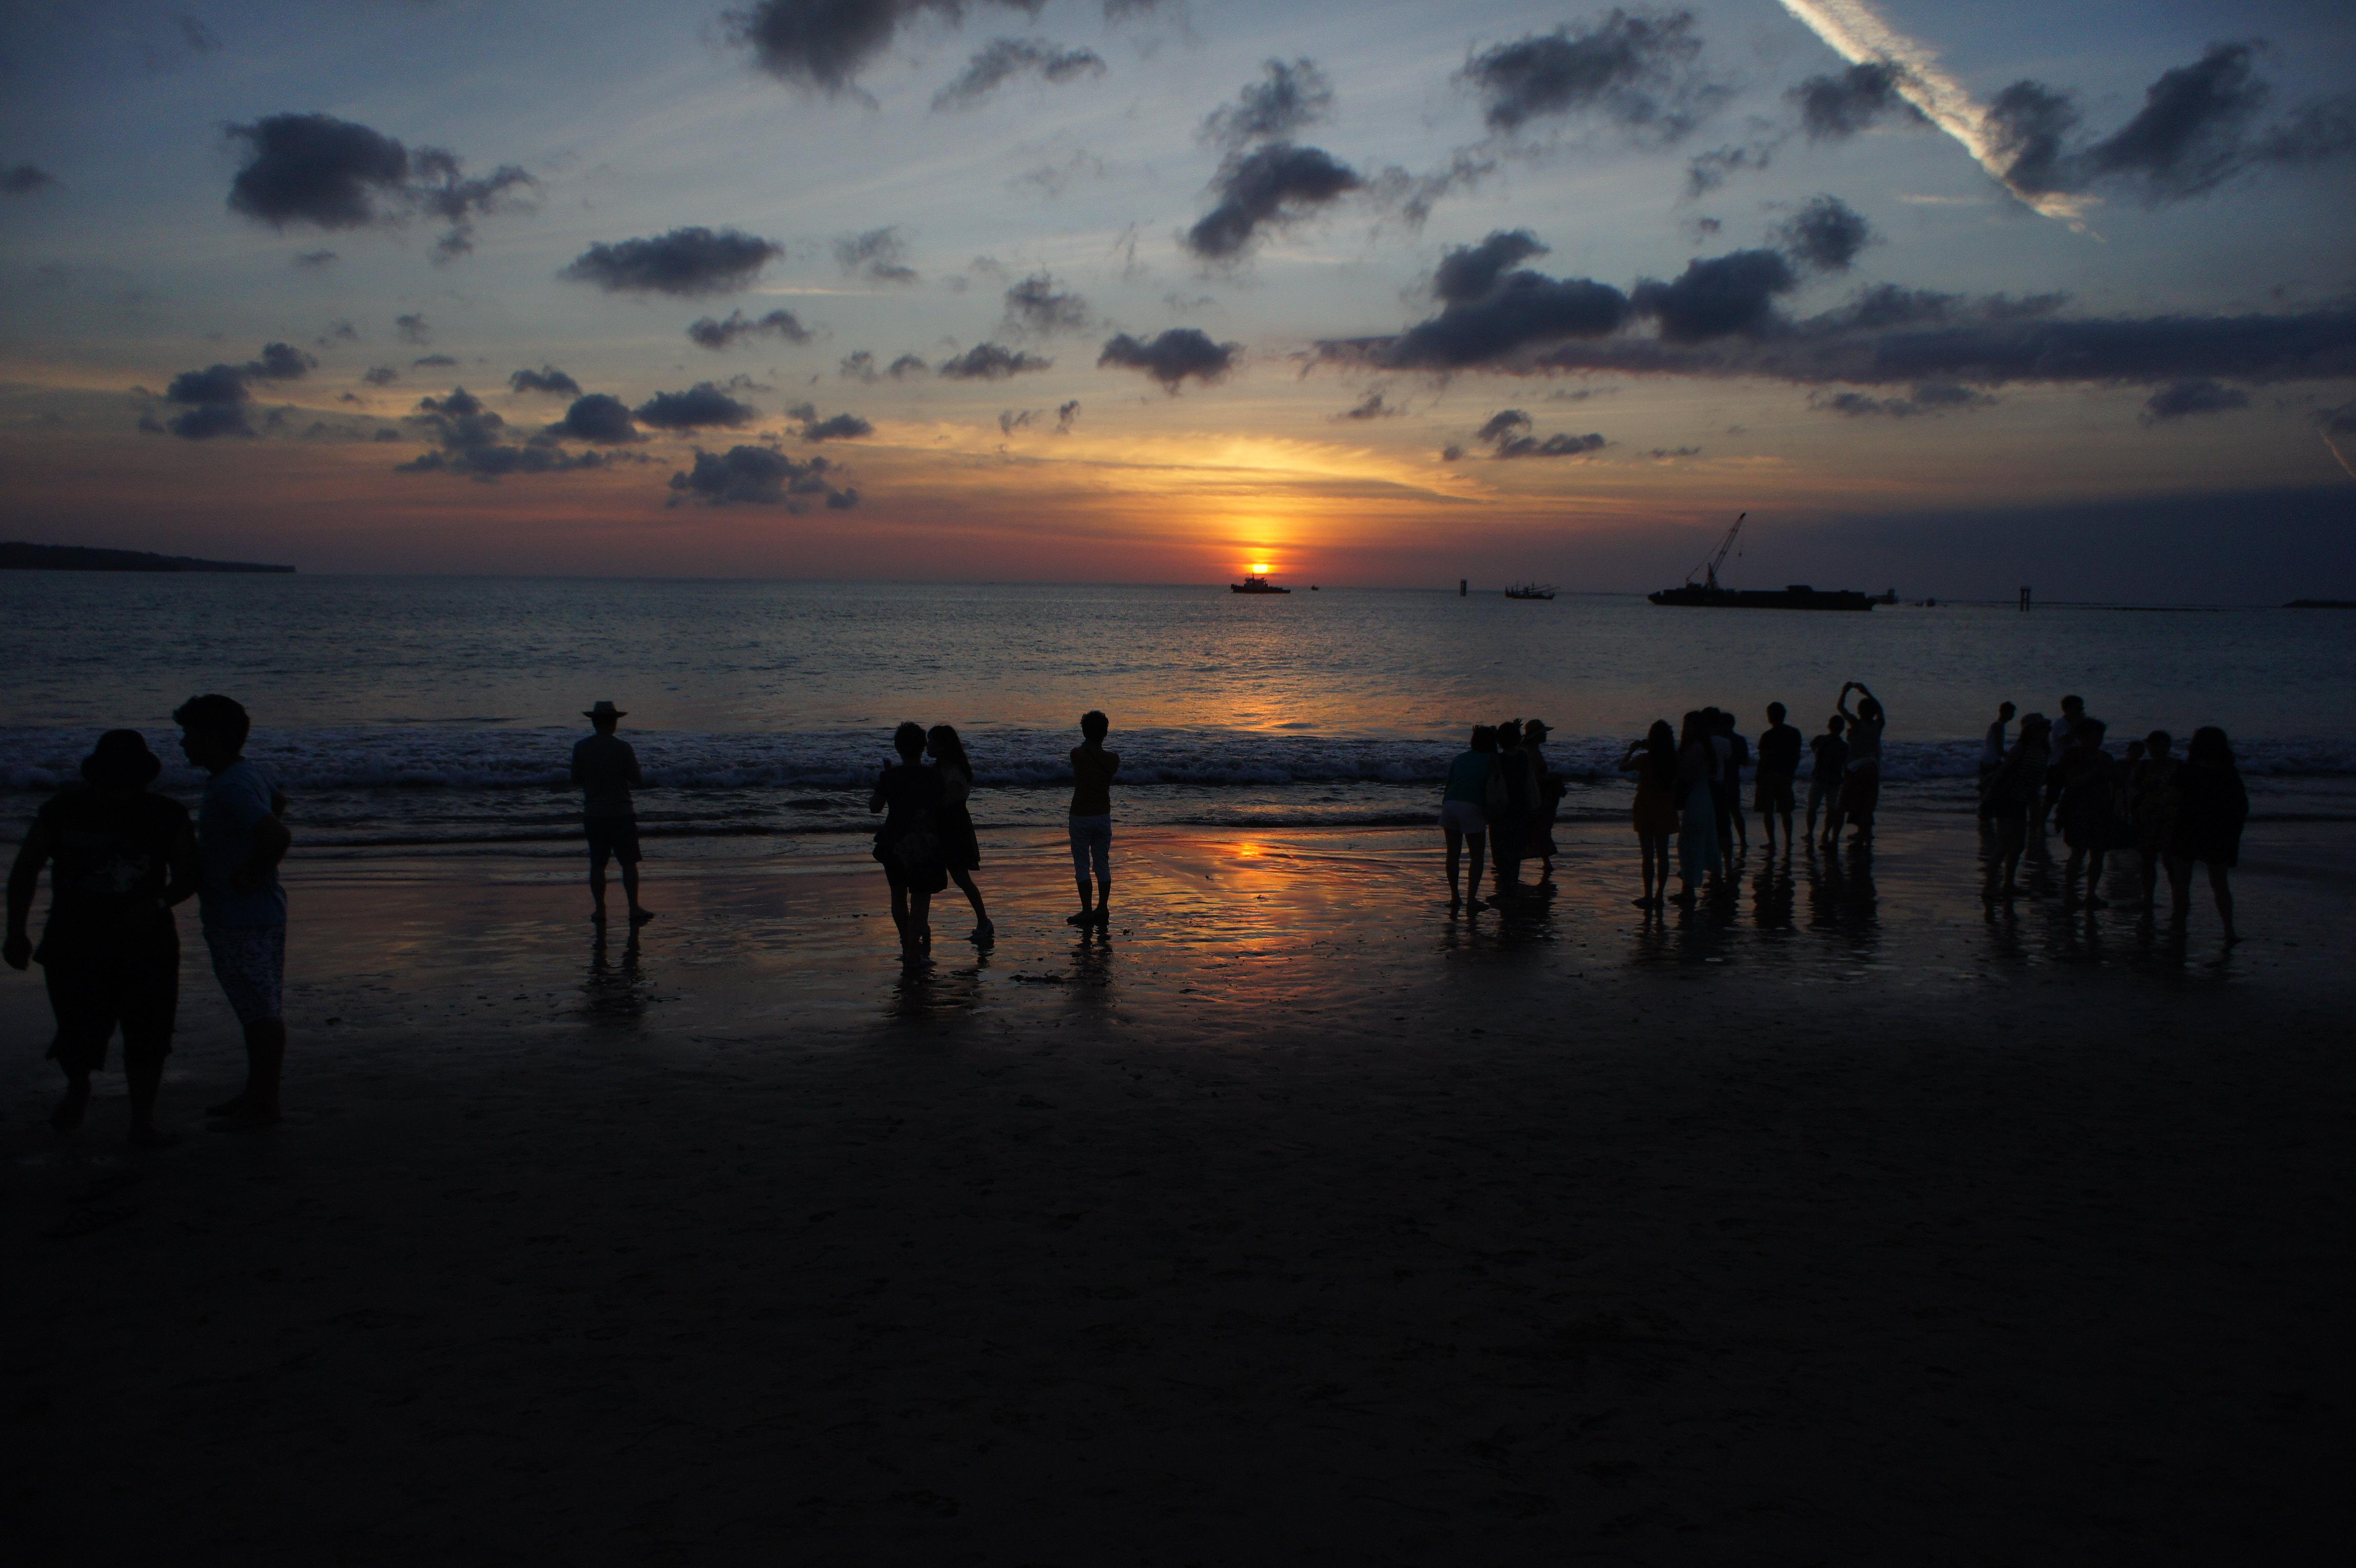 沙滩早霞天空 素材